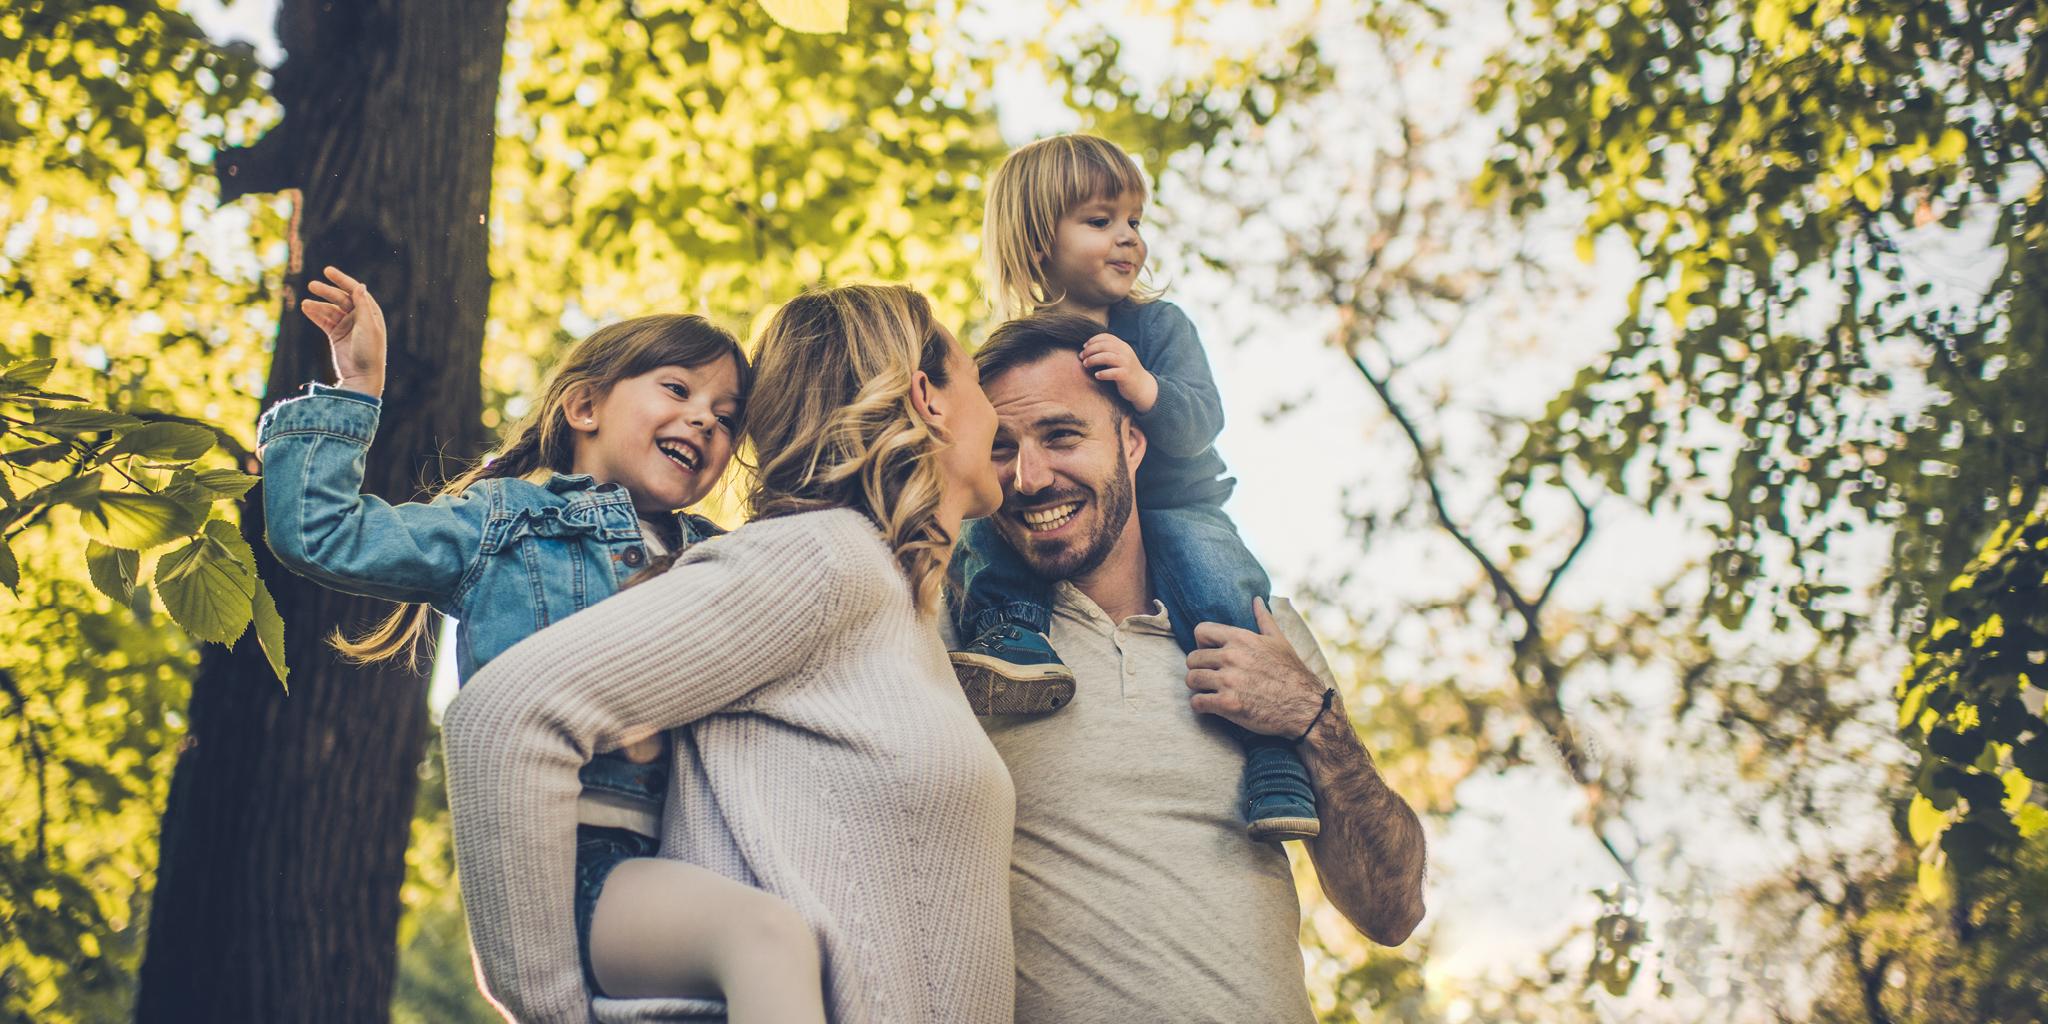 Entlastungsbetrag, Grundfreibetrag, Kinder, Kindergeld: Familien werden steuerlich entlastet